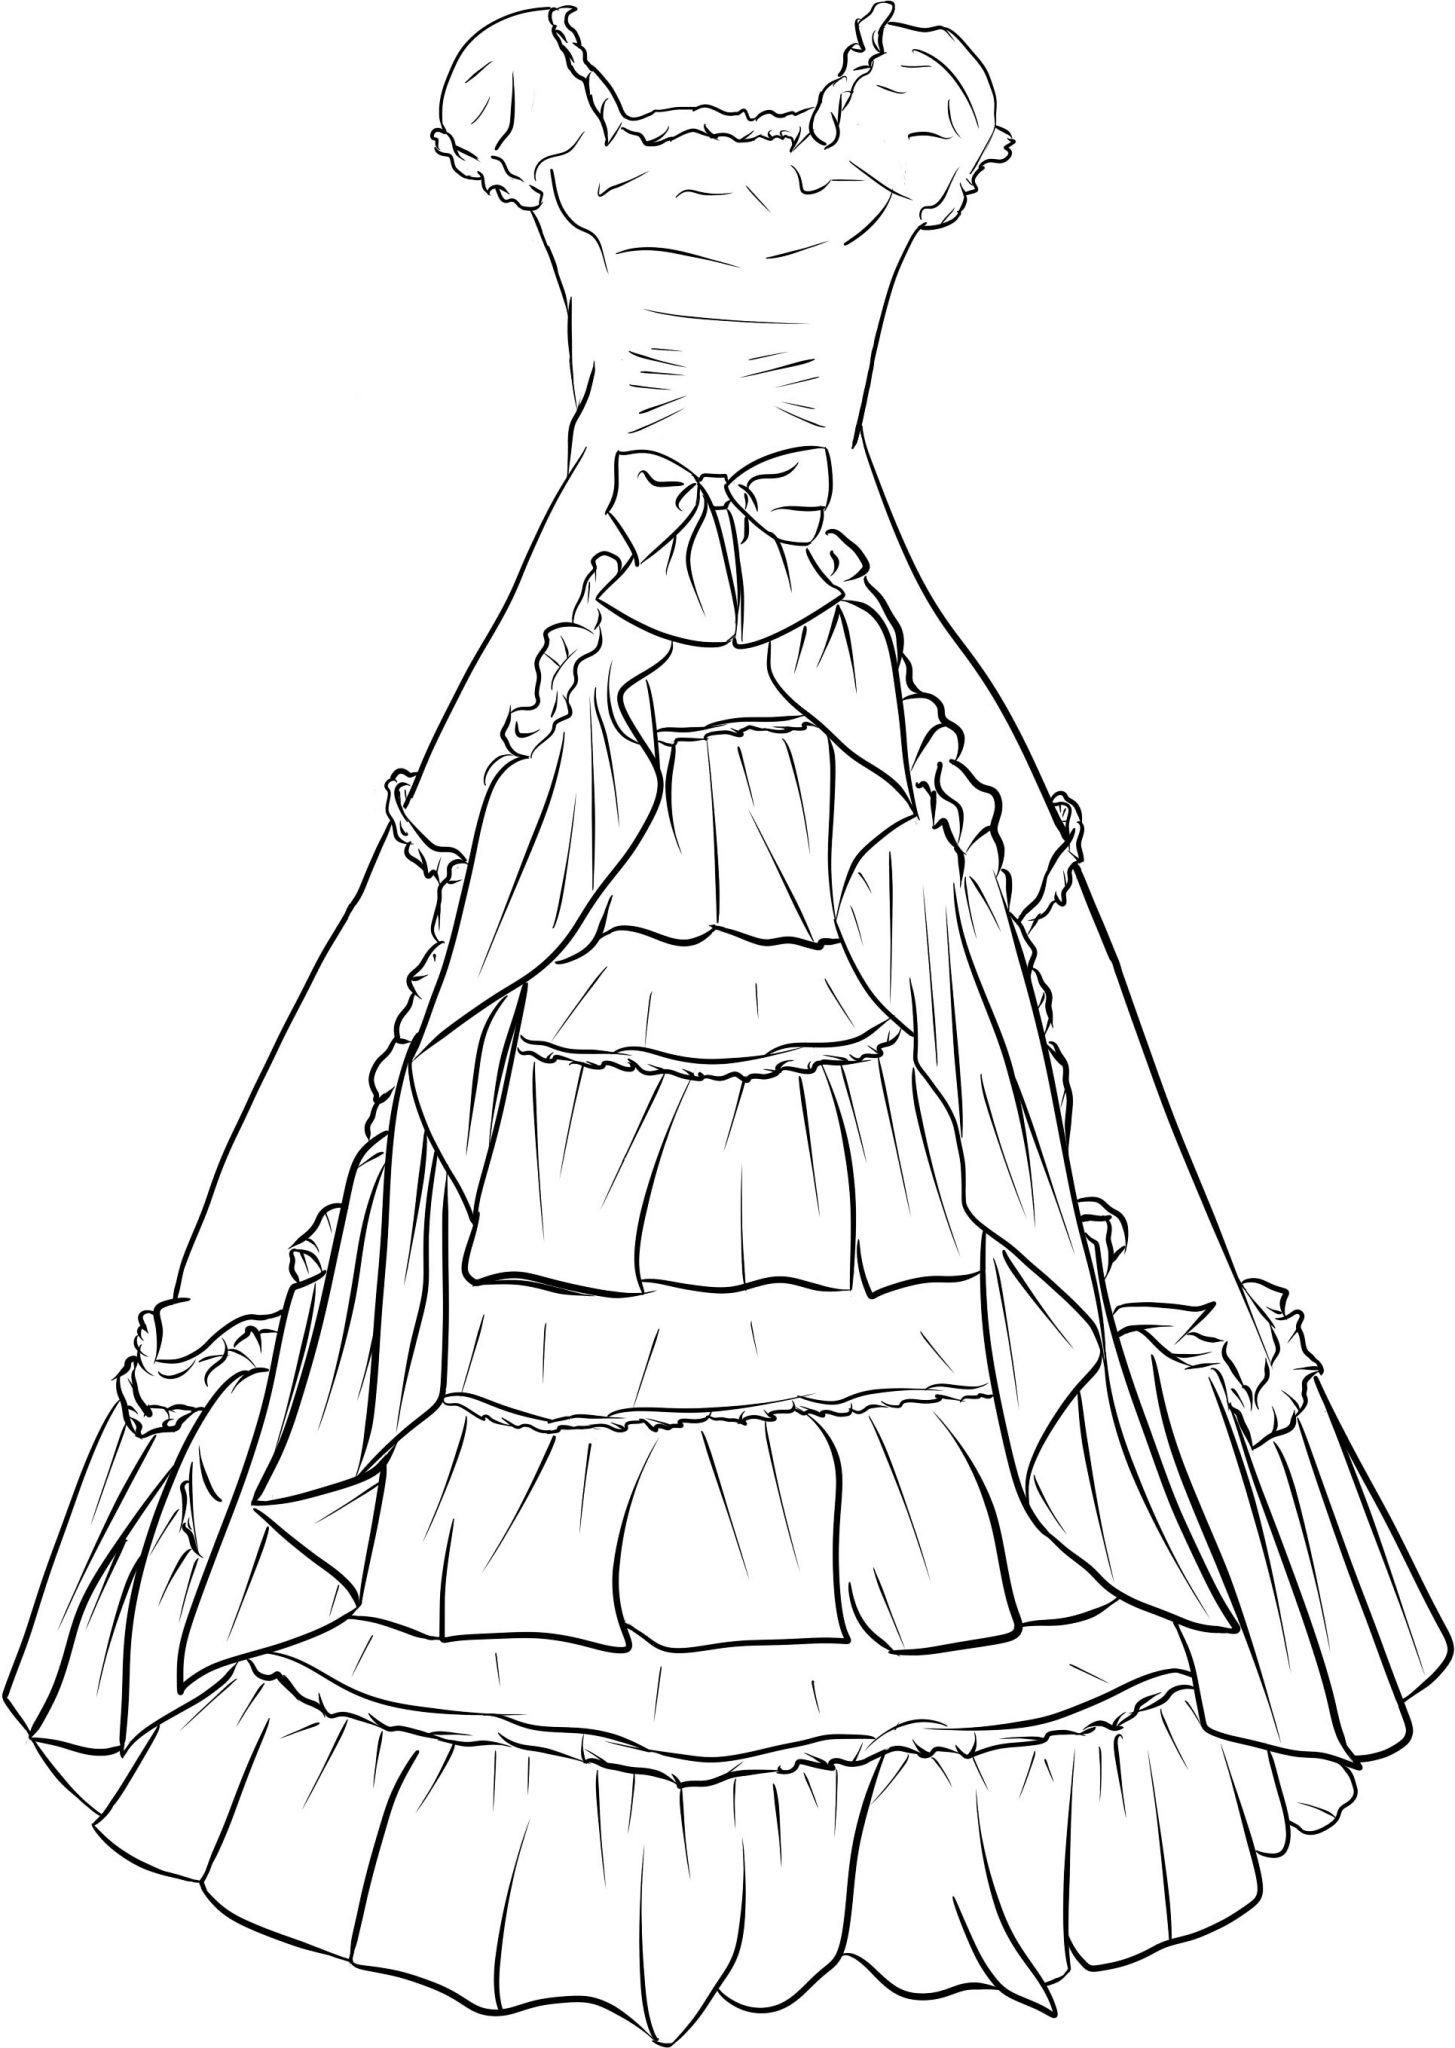 Раскраска платьев для девочек распечатать и скачать